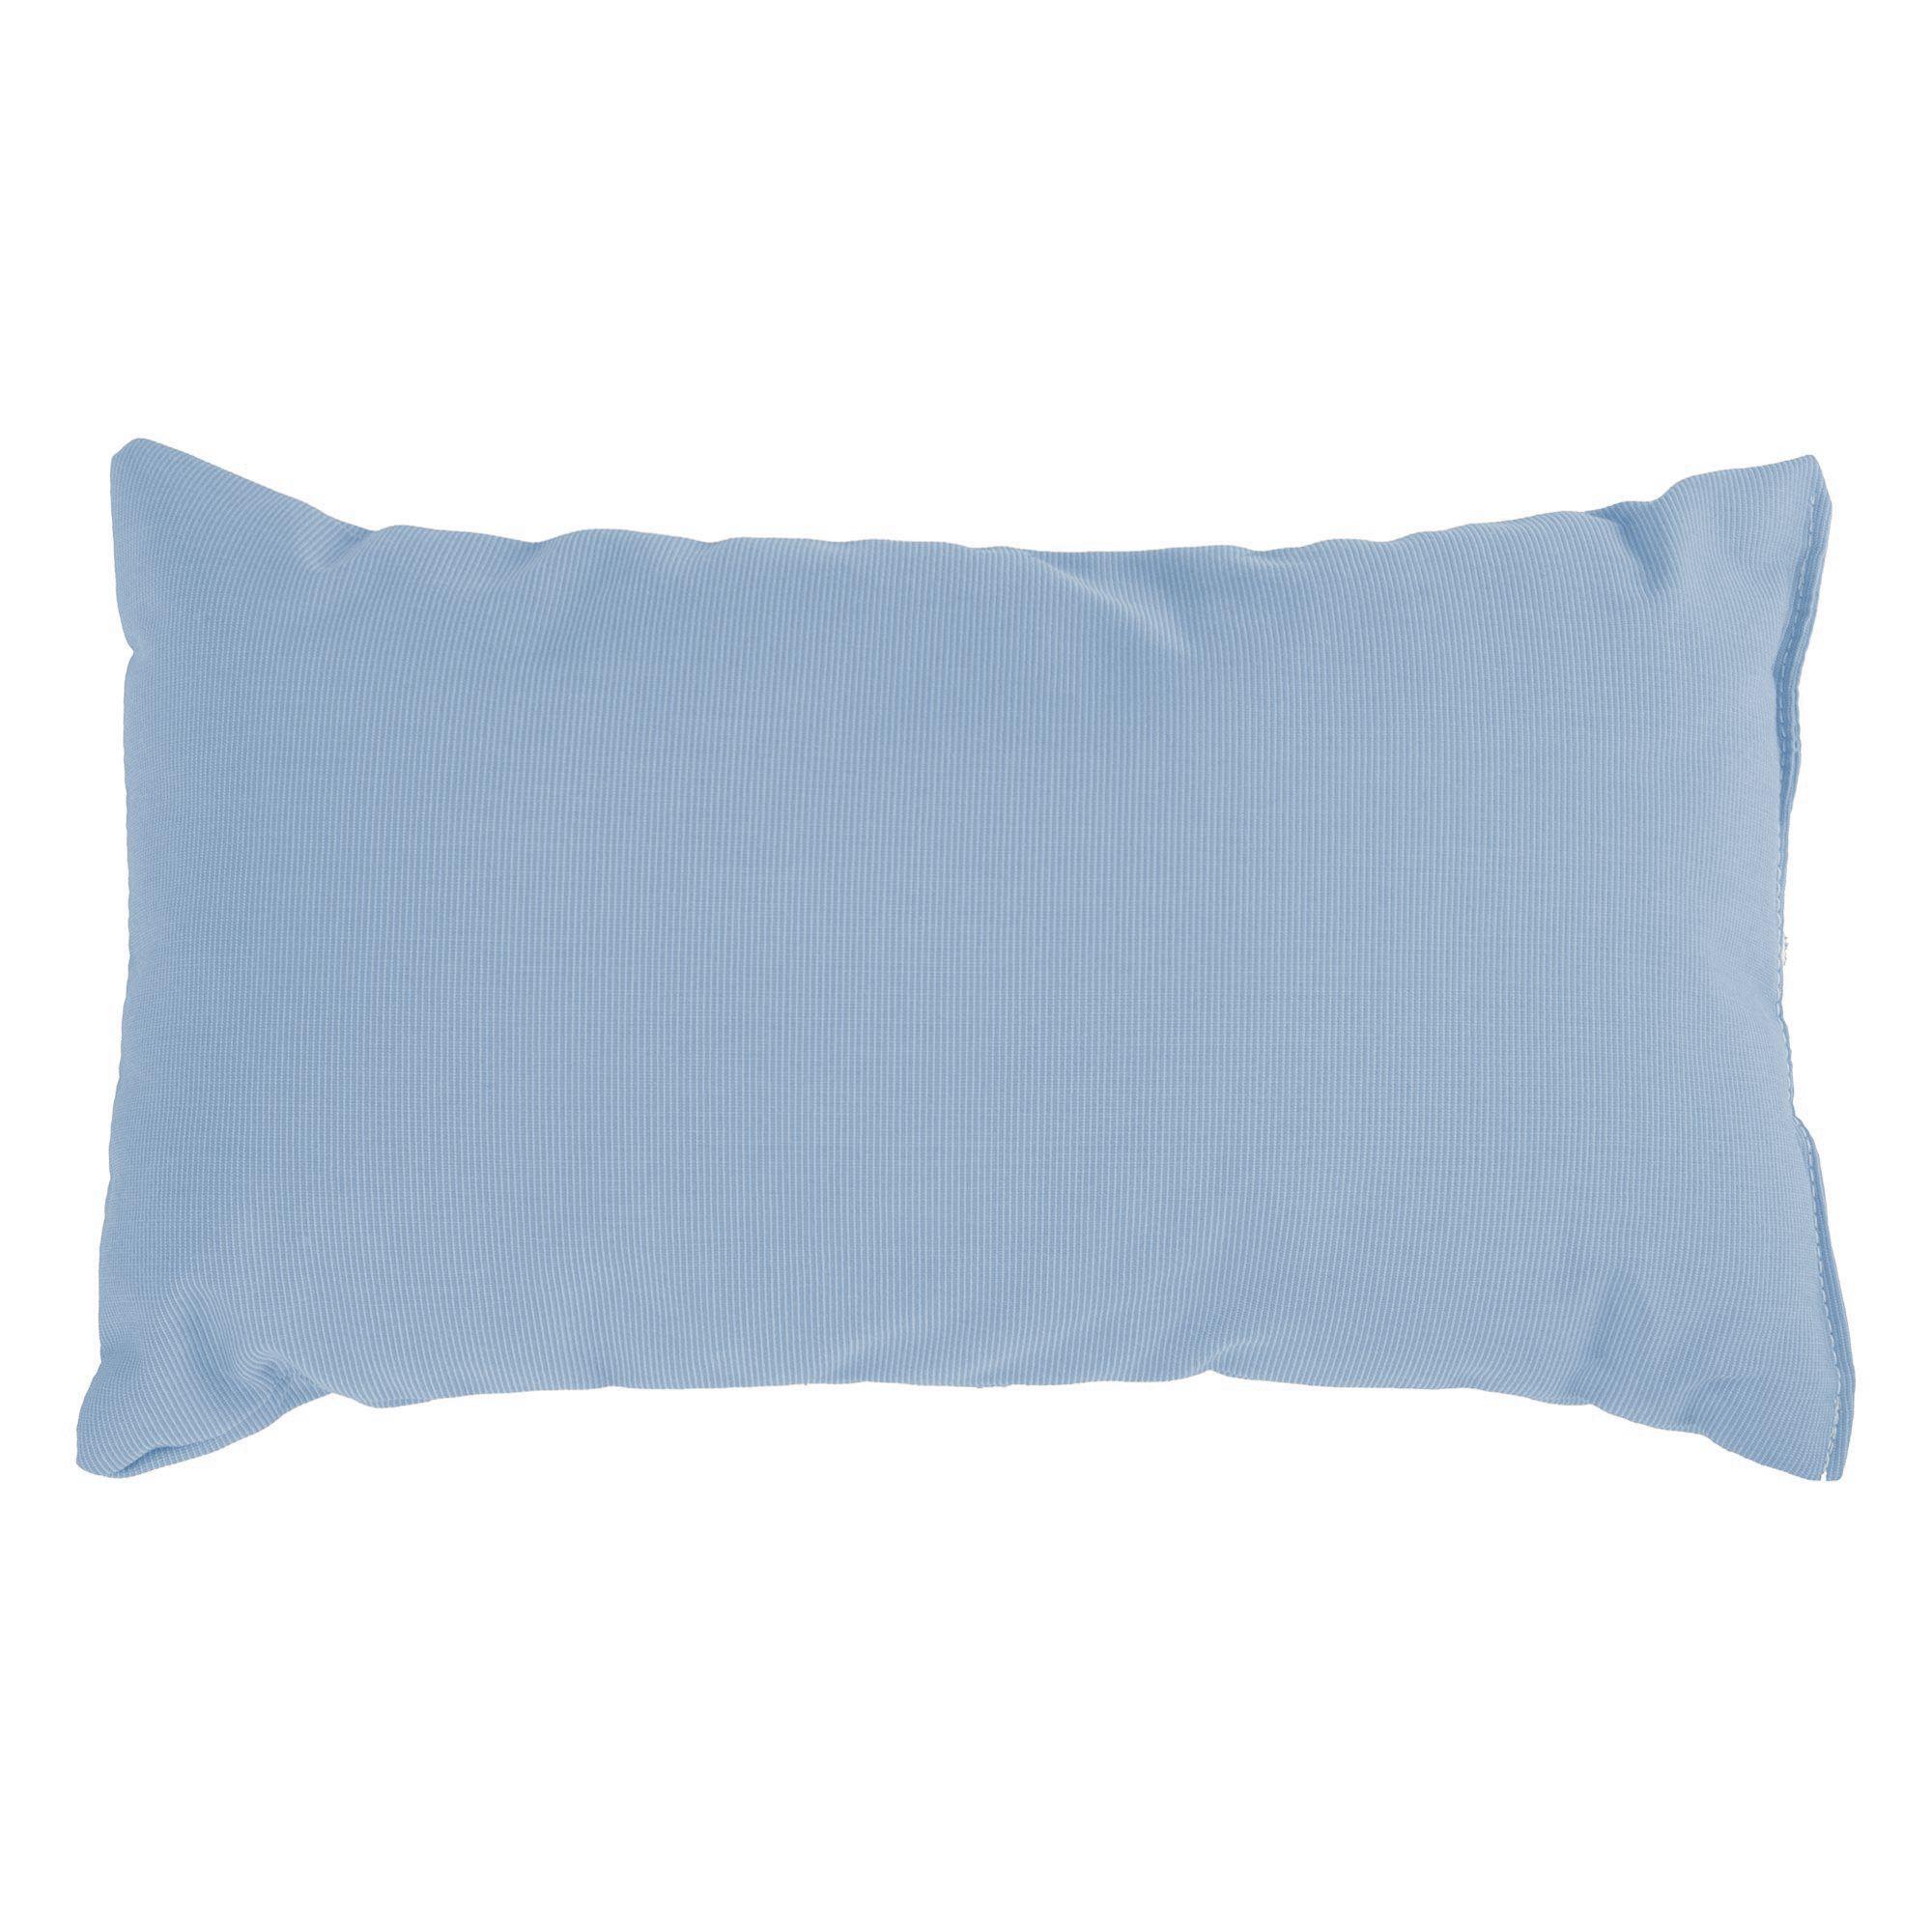 Canvas Air Blue Sunbrella Rectangle Outdoor Throw Pillow 19 In X 10